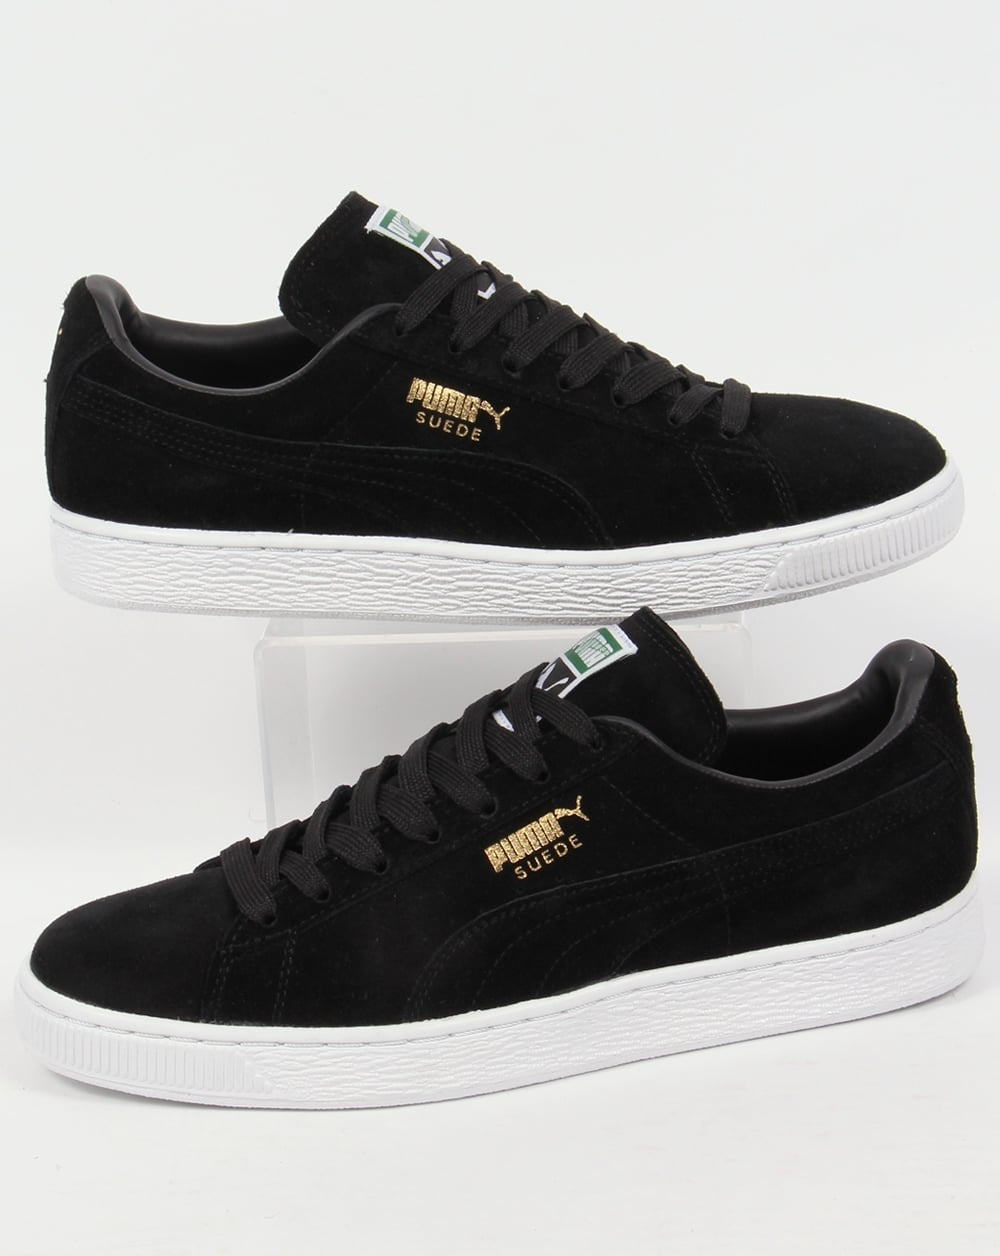 Puma Suede Classic Trainers Black/black